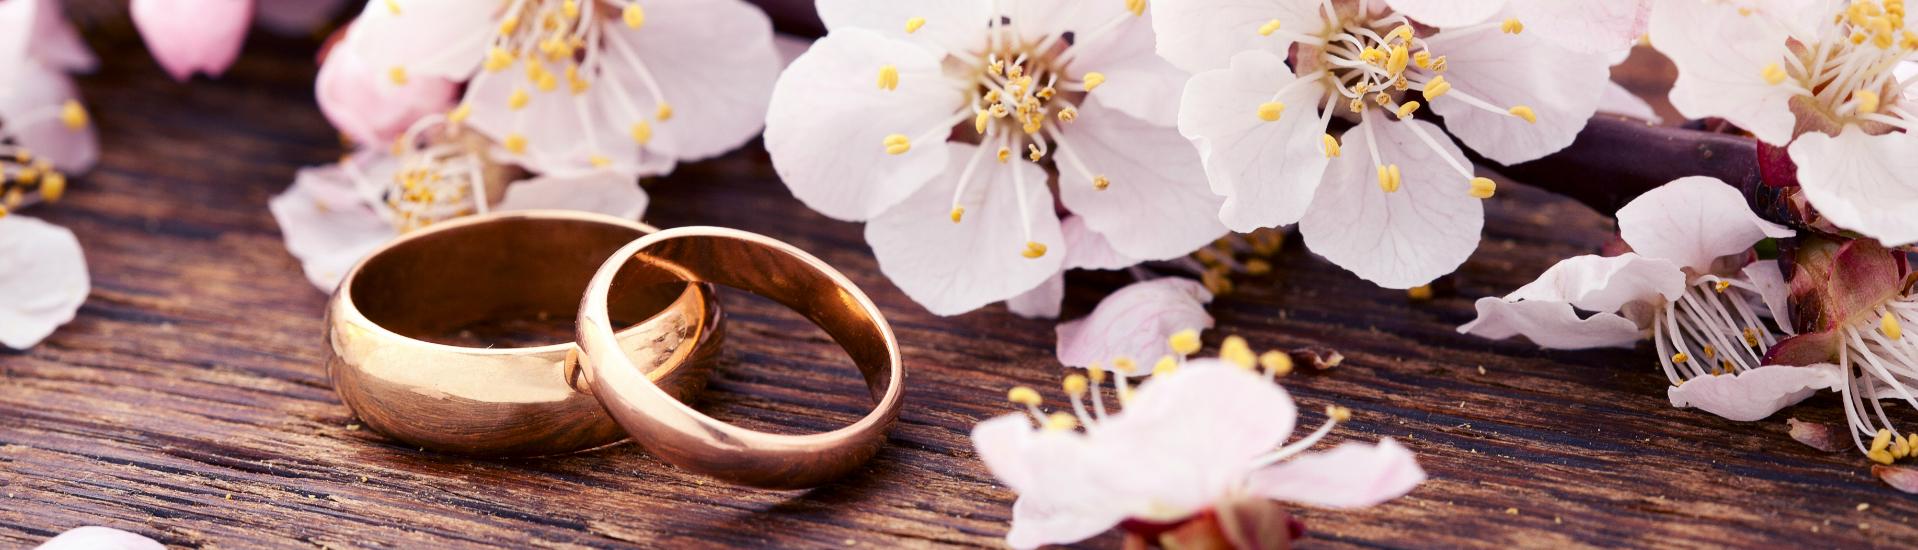 fotografar um casamento - dicas para evitar erros